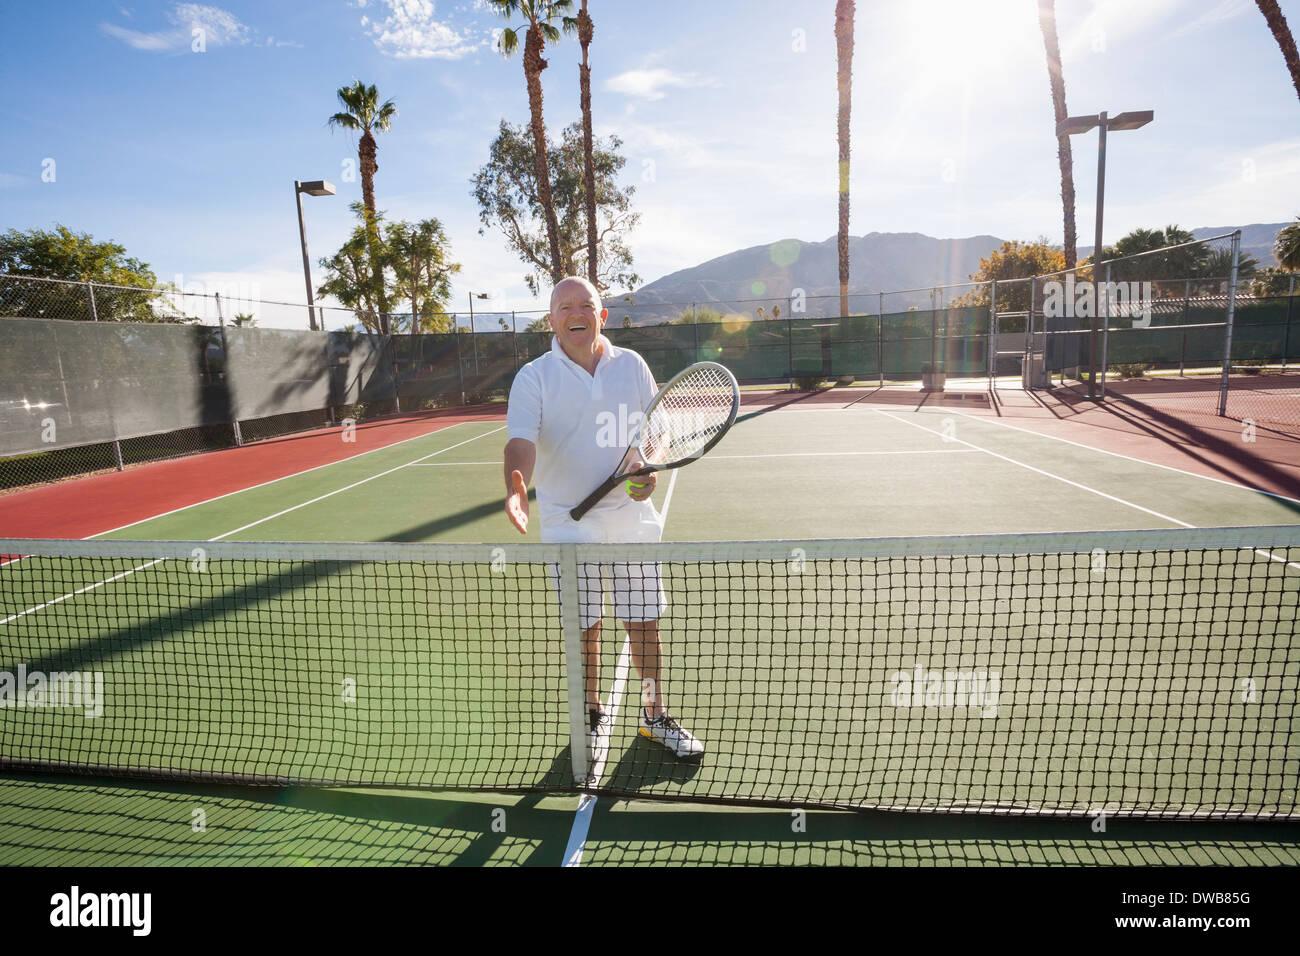 Ritratto di senior giocatore di tennis offrendo handshake su corte Immagini Stock